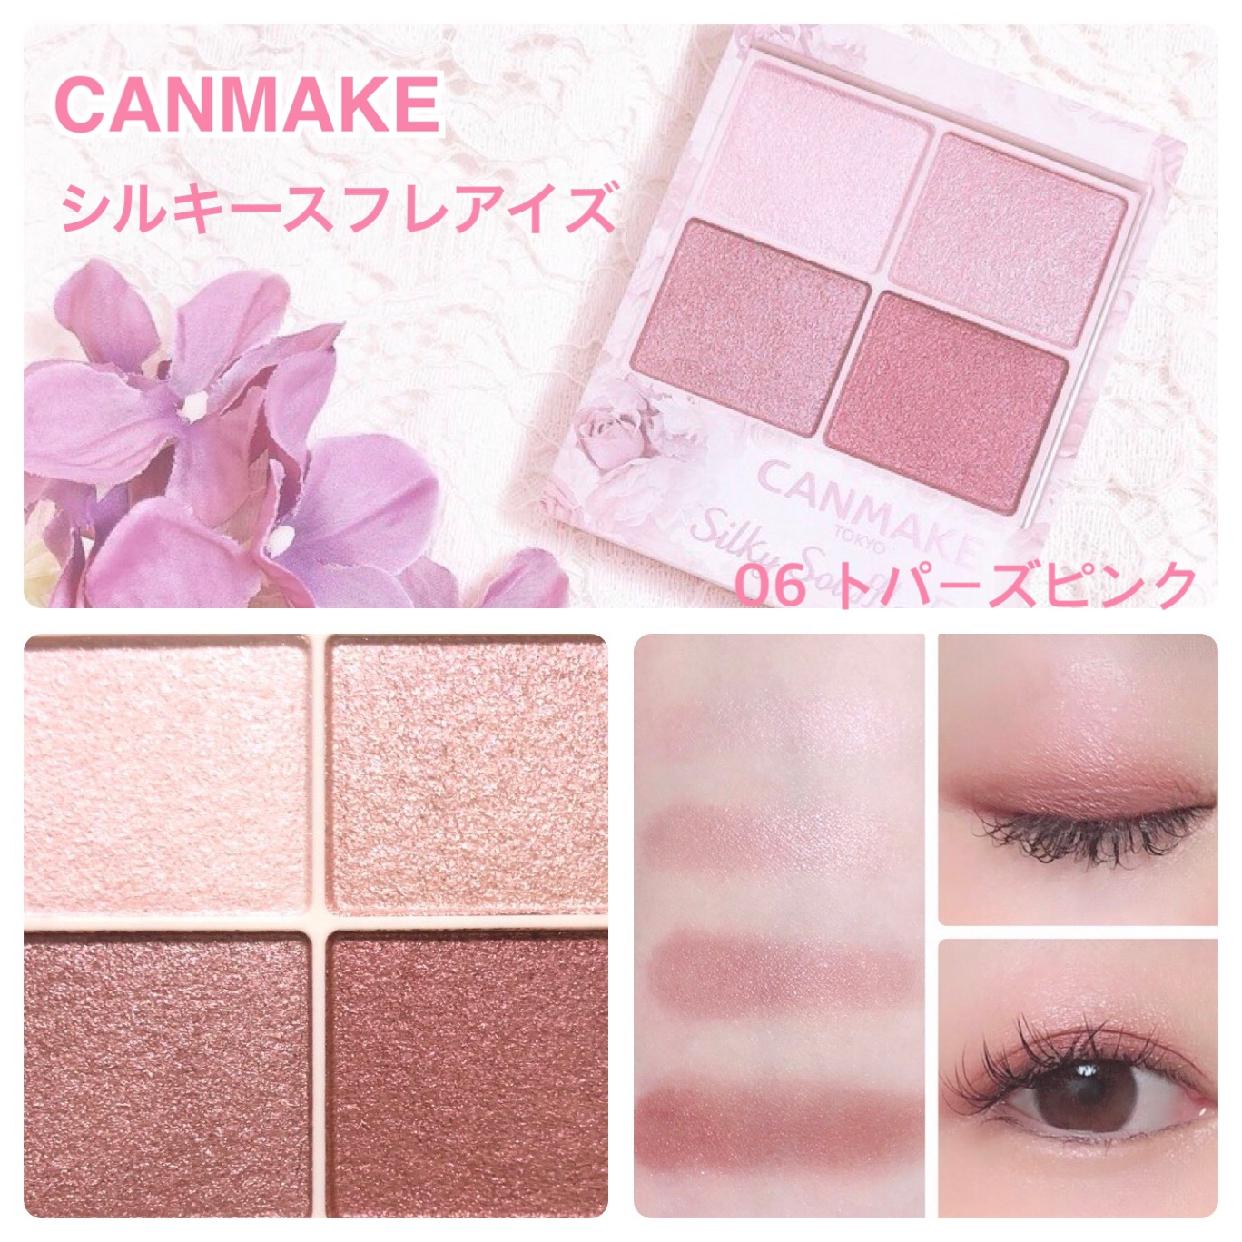 CANMAKE(キャンメイク) シルキースフレアイズを使ったmomokoさんのクチコミ画像1